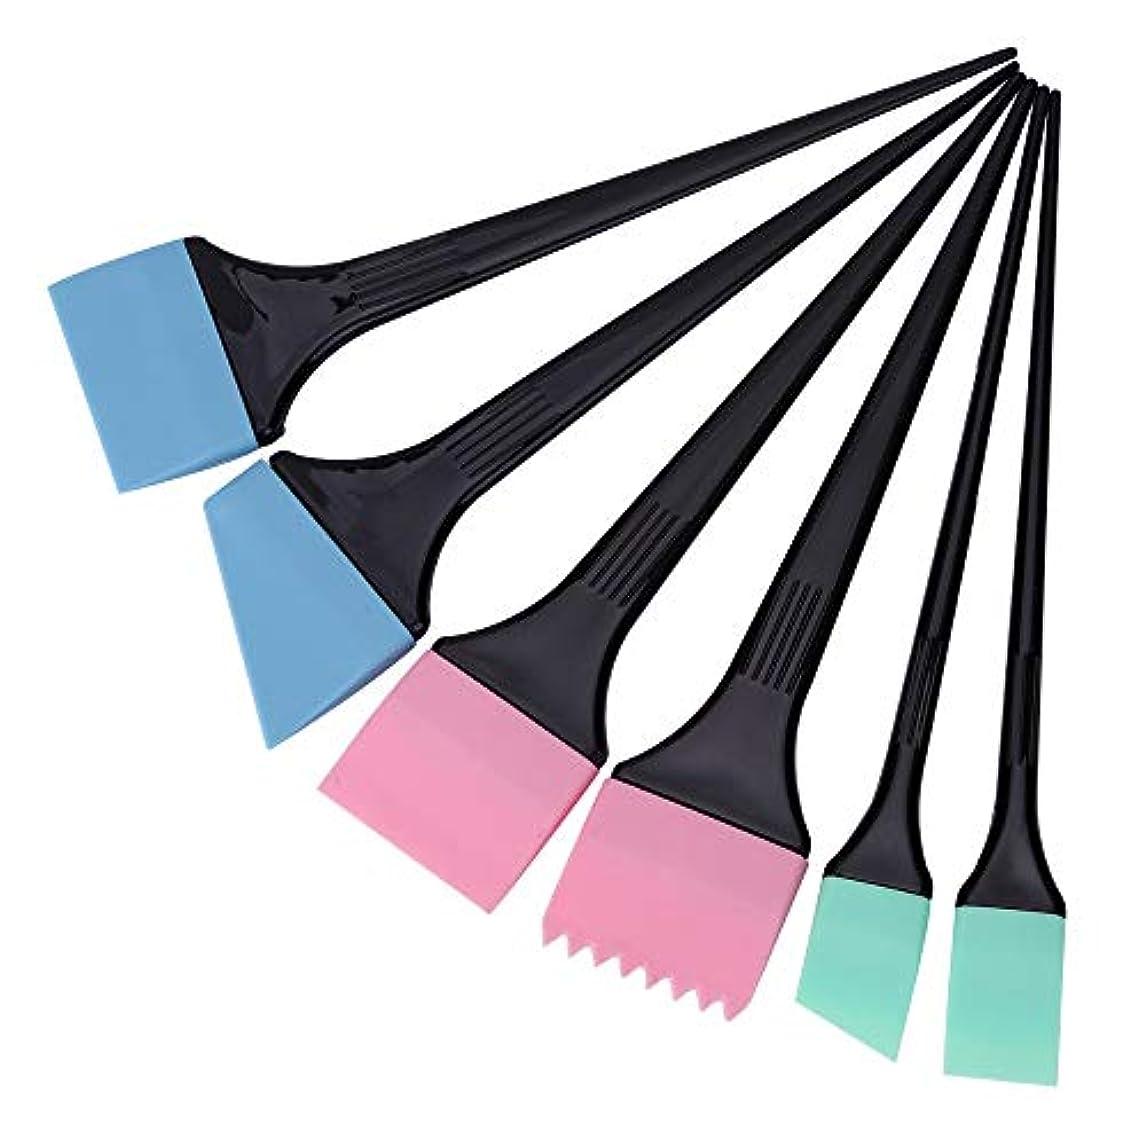 シーボード好戦的な再びヘアダイコーム&ブラシ 毛染めブラシ 6本/セット 着色櫛キット プロサロン 理髪スタイリングツール へアカラーセット グリーン